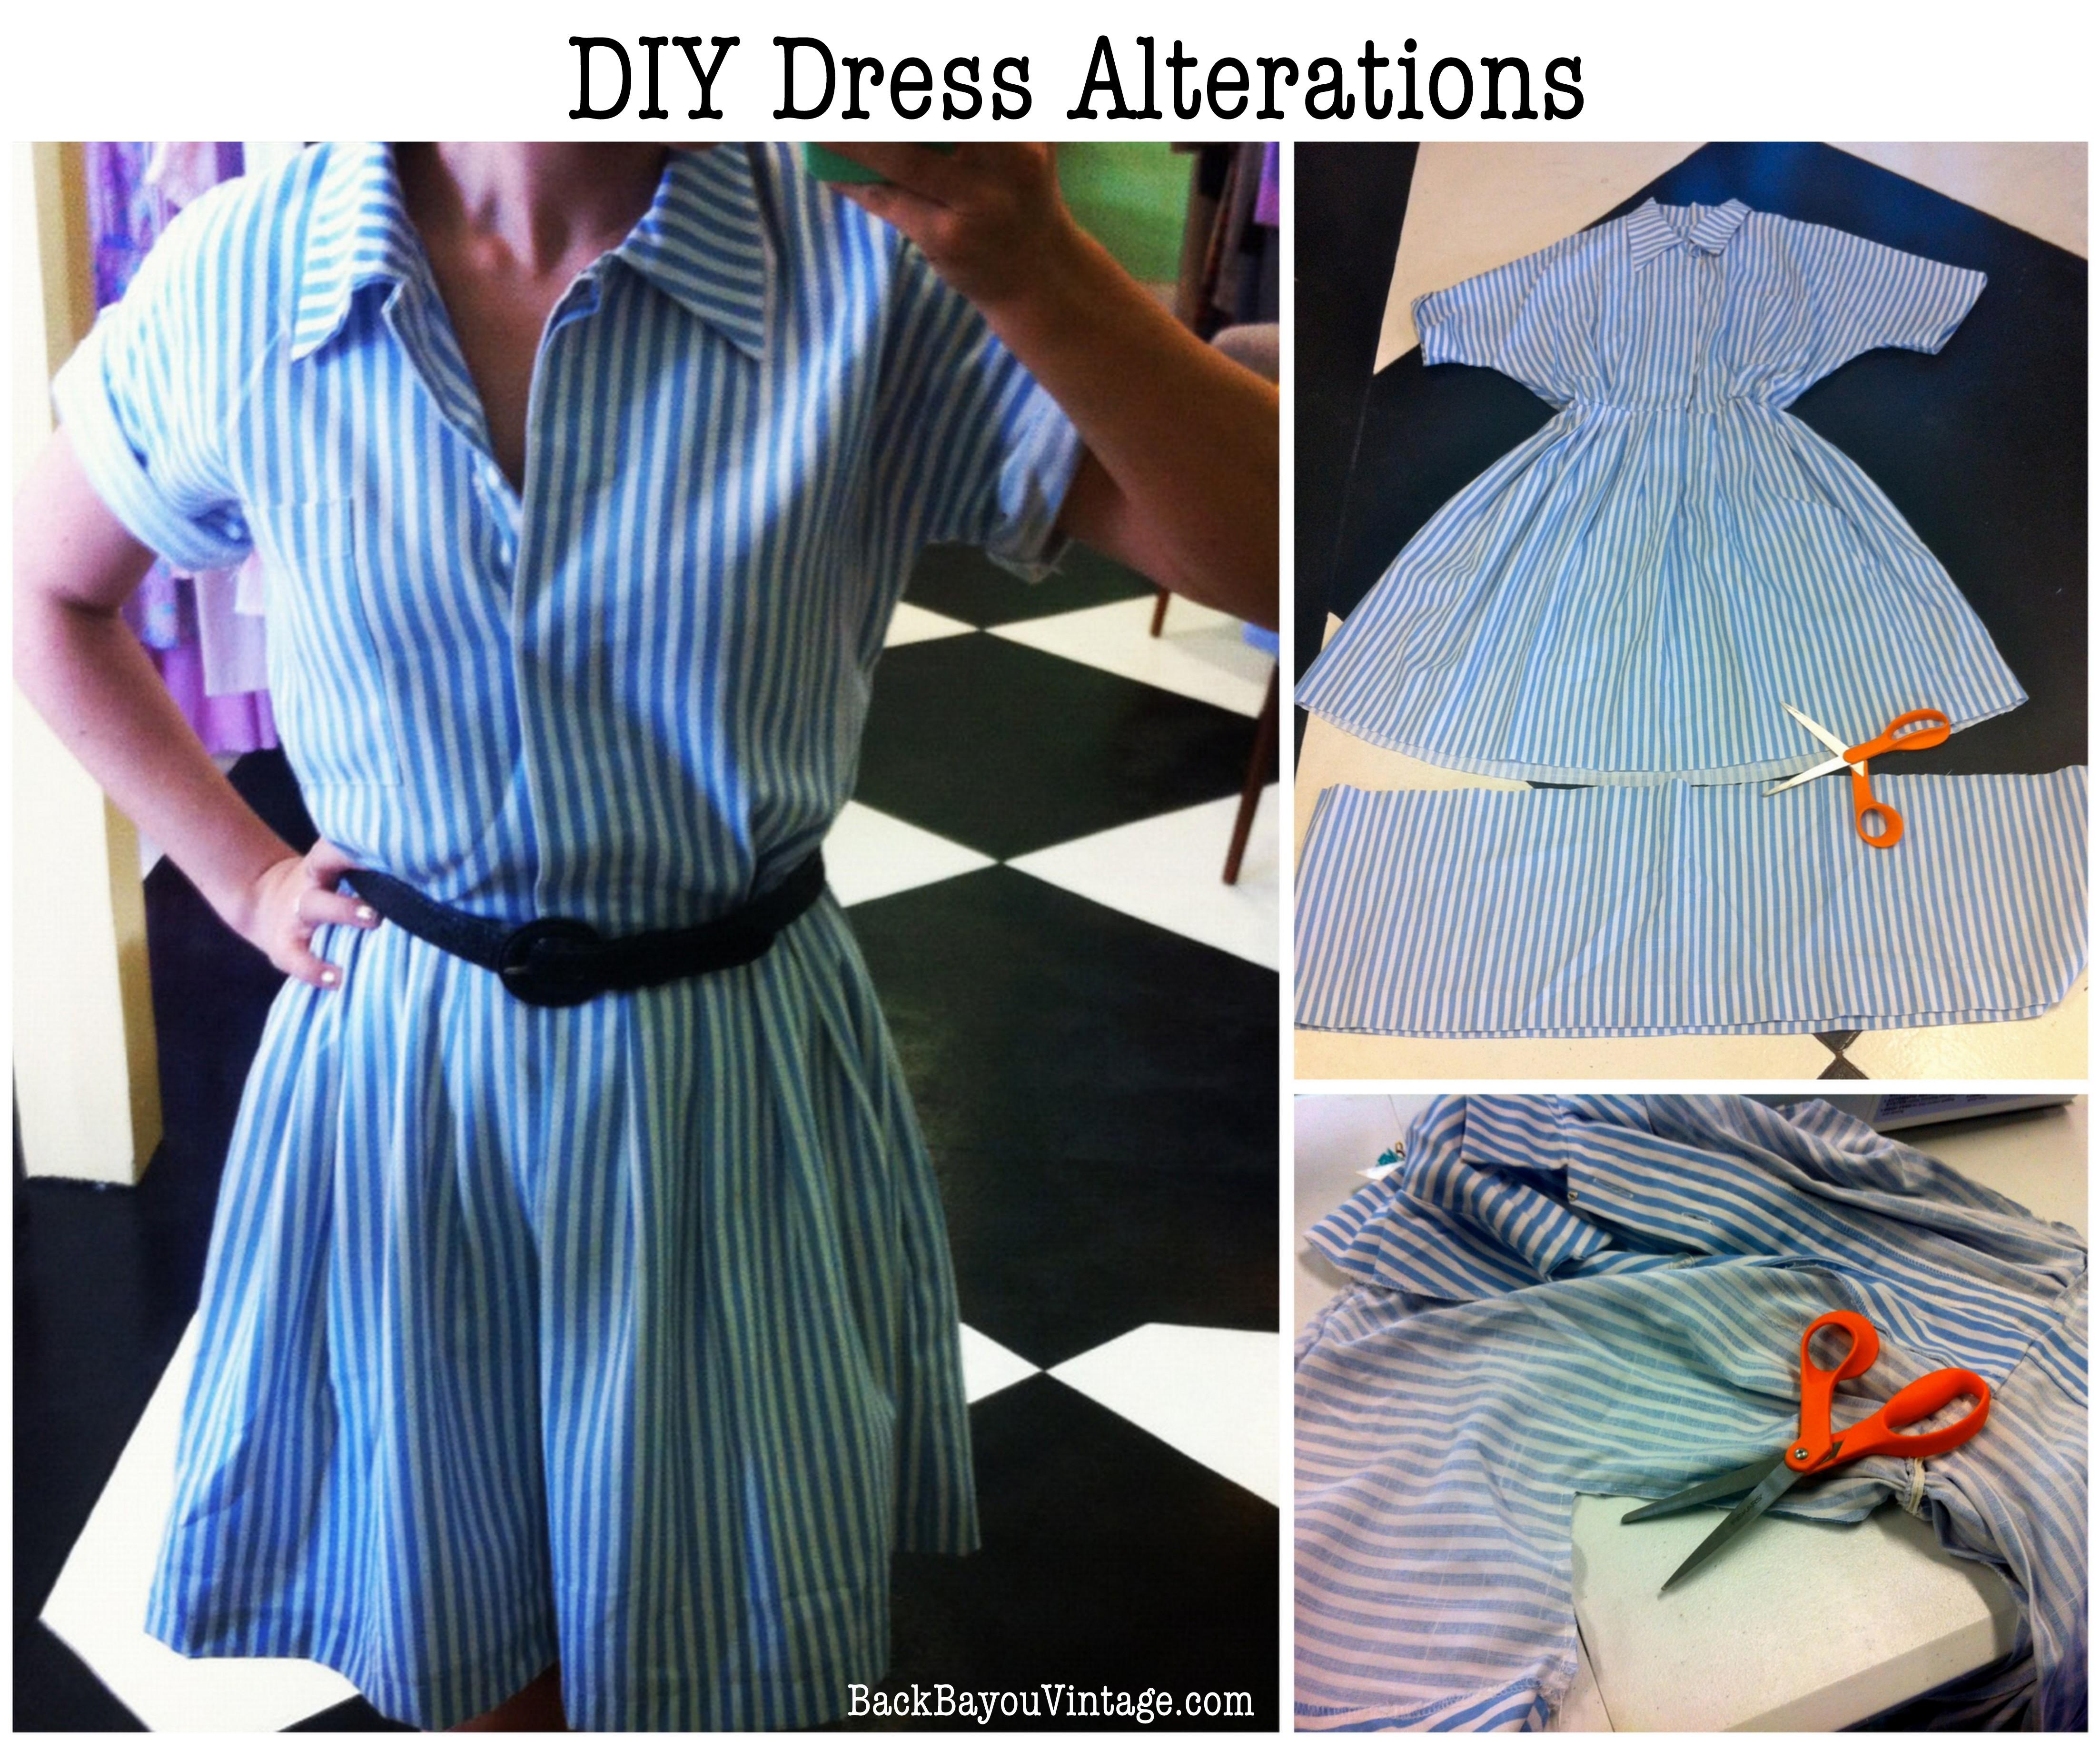 diy upcycled vintage dress back bayou vintage